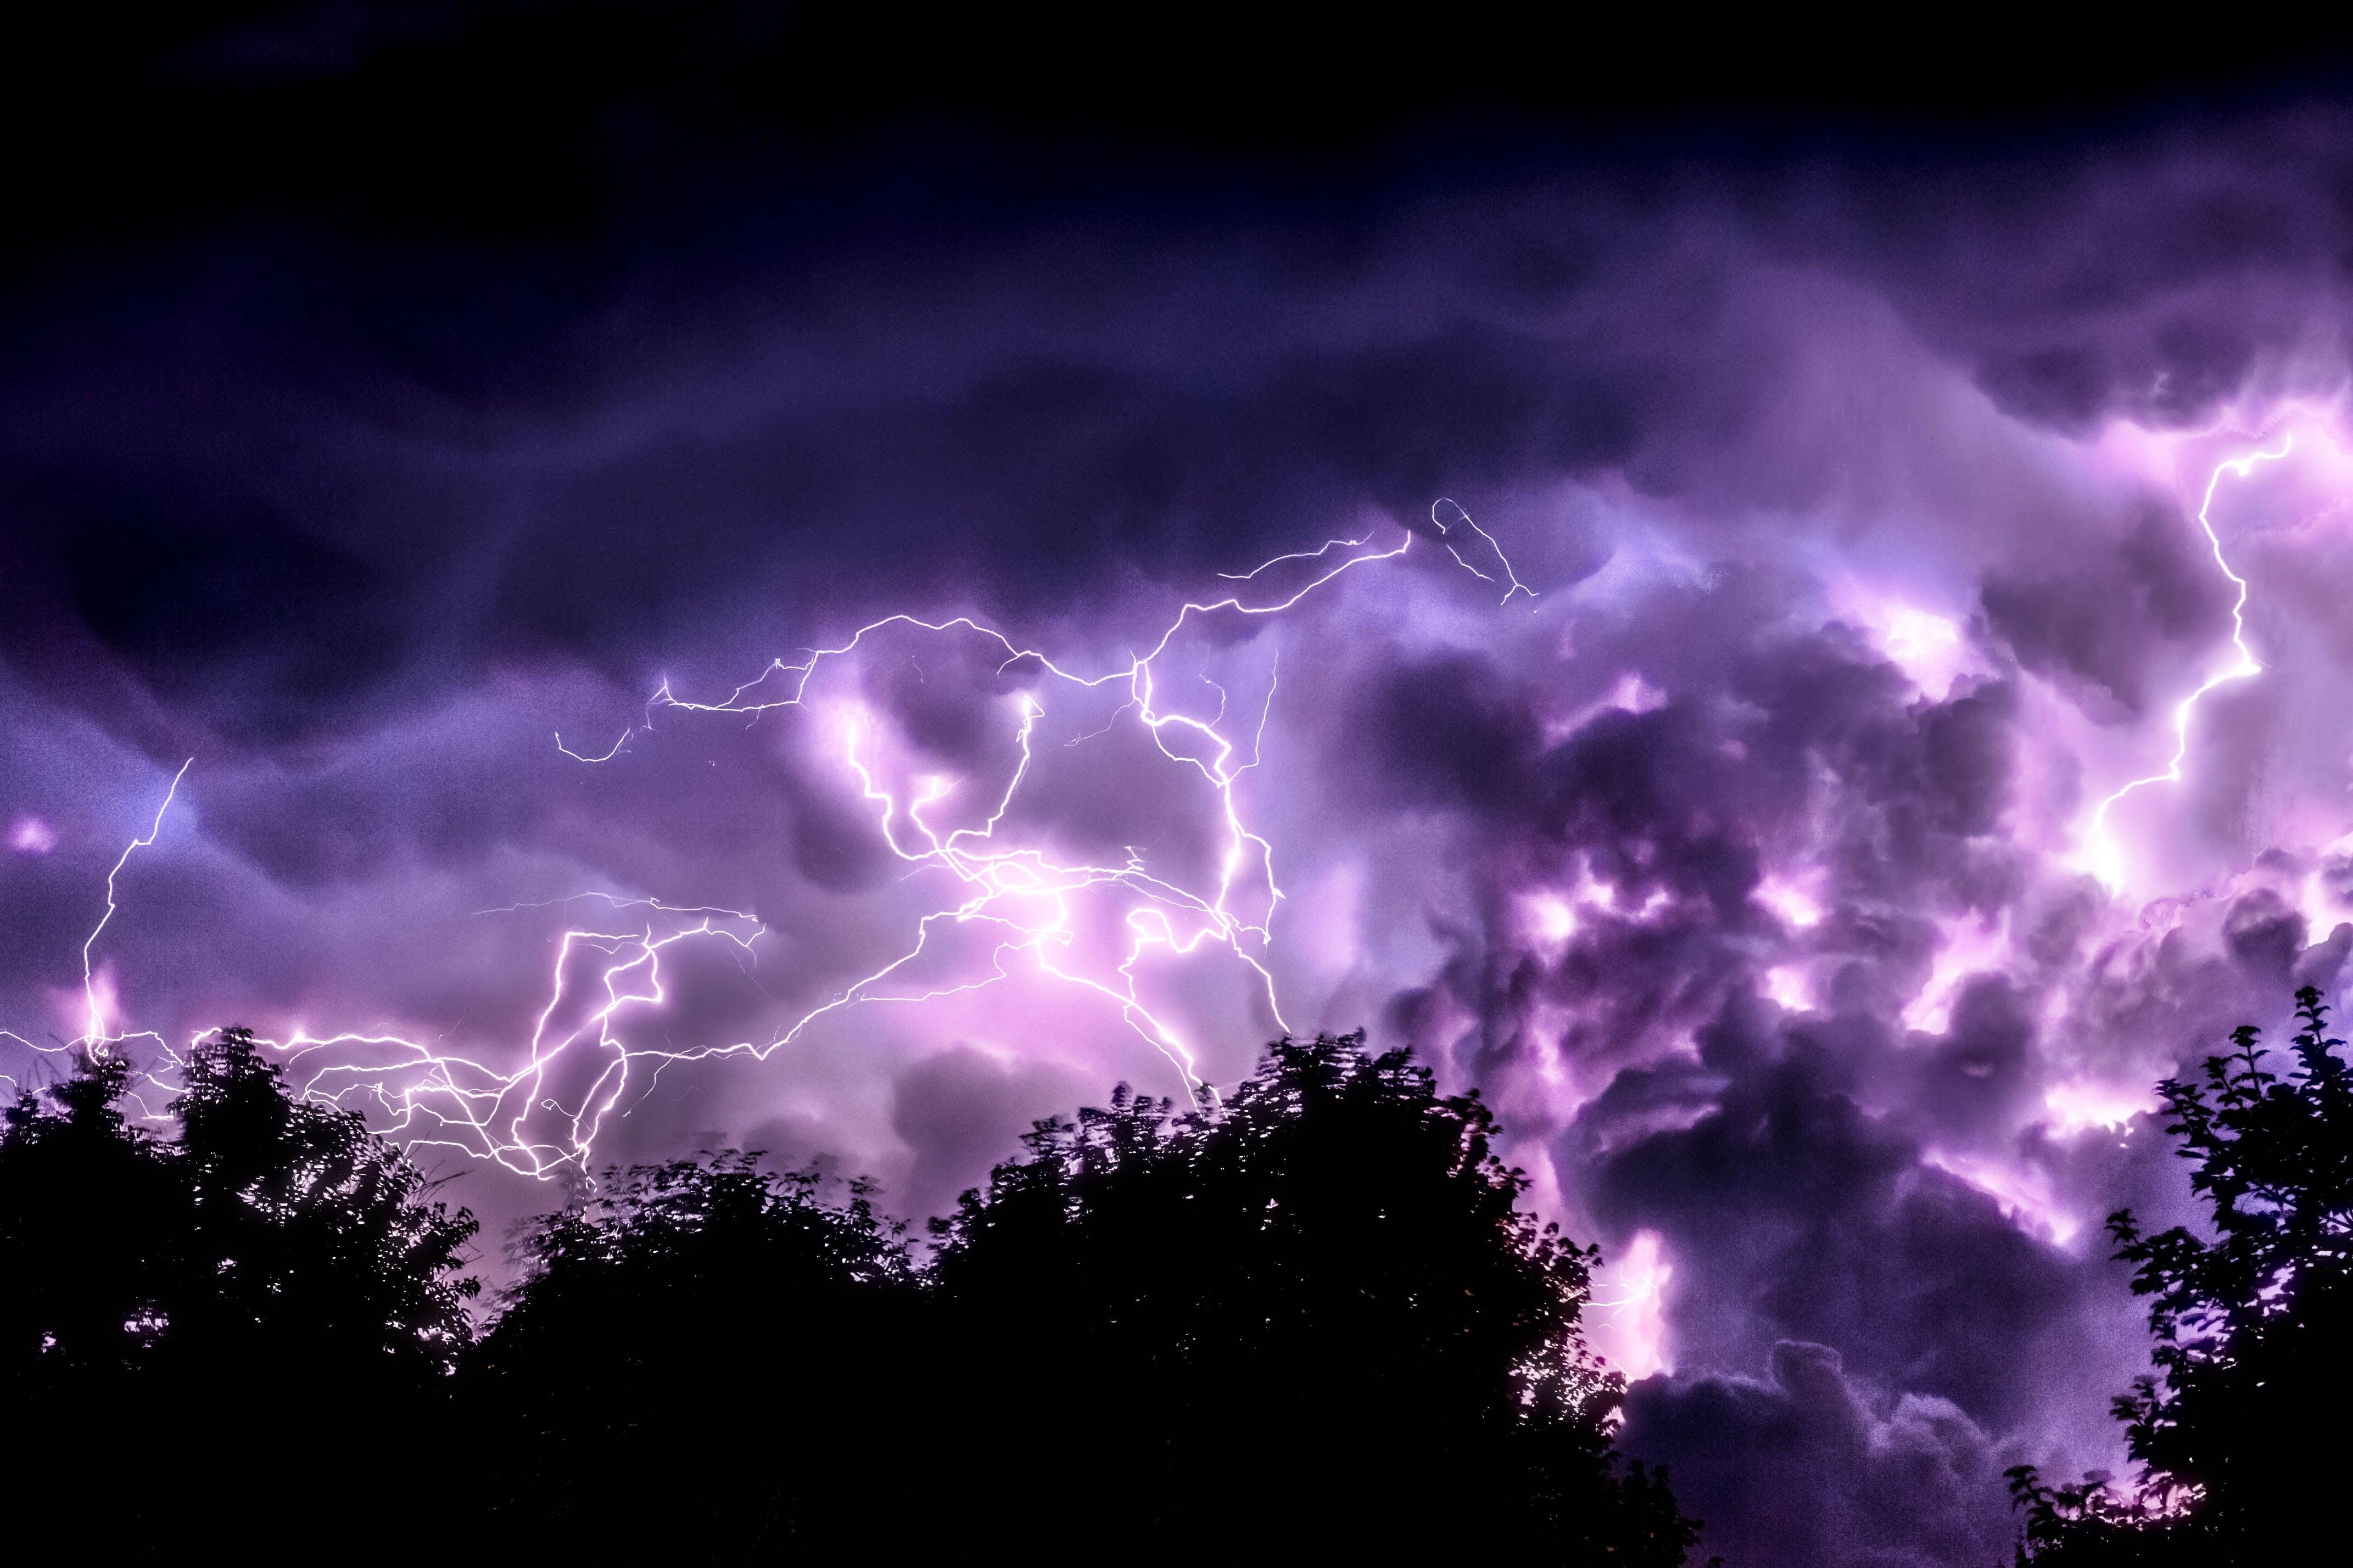 4k Wallpaper Lightning